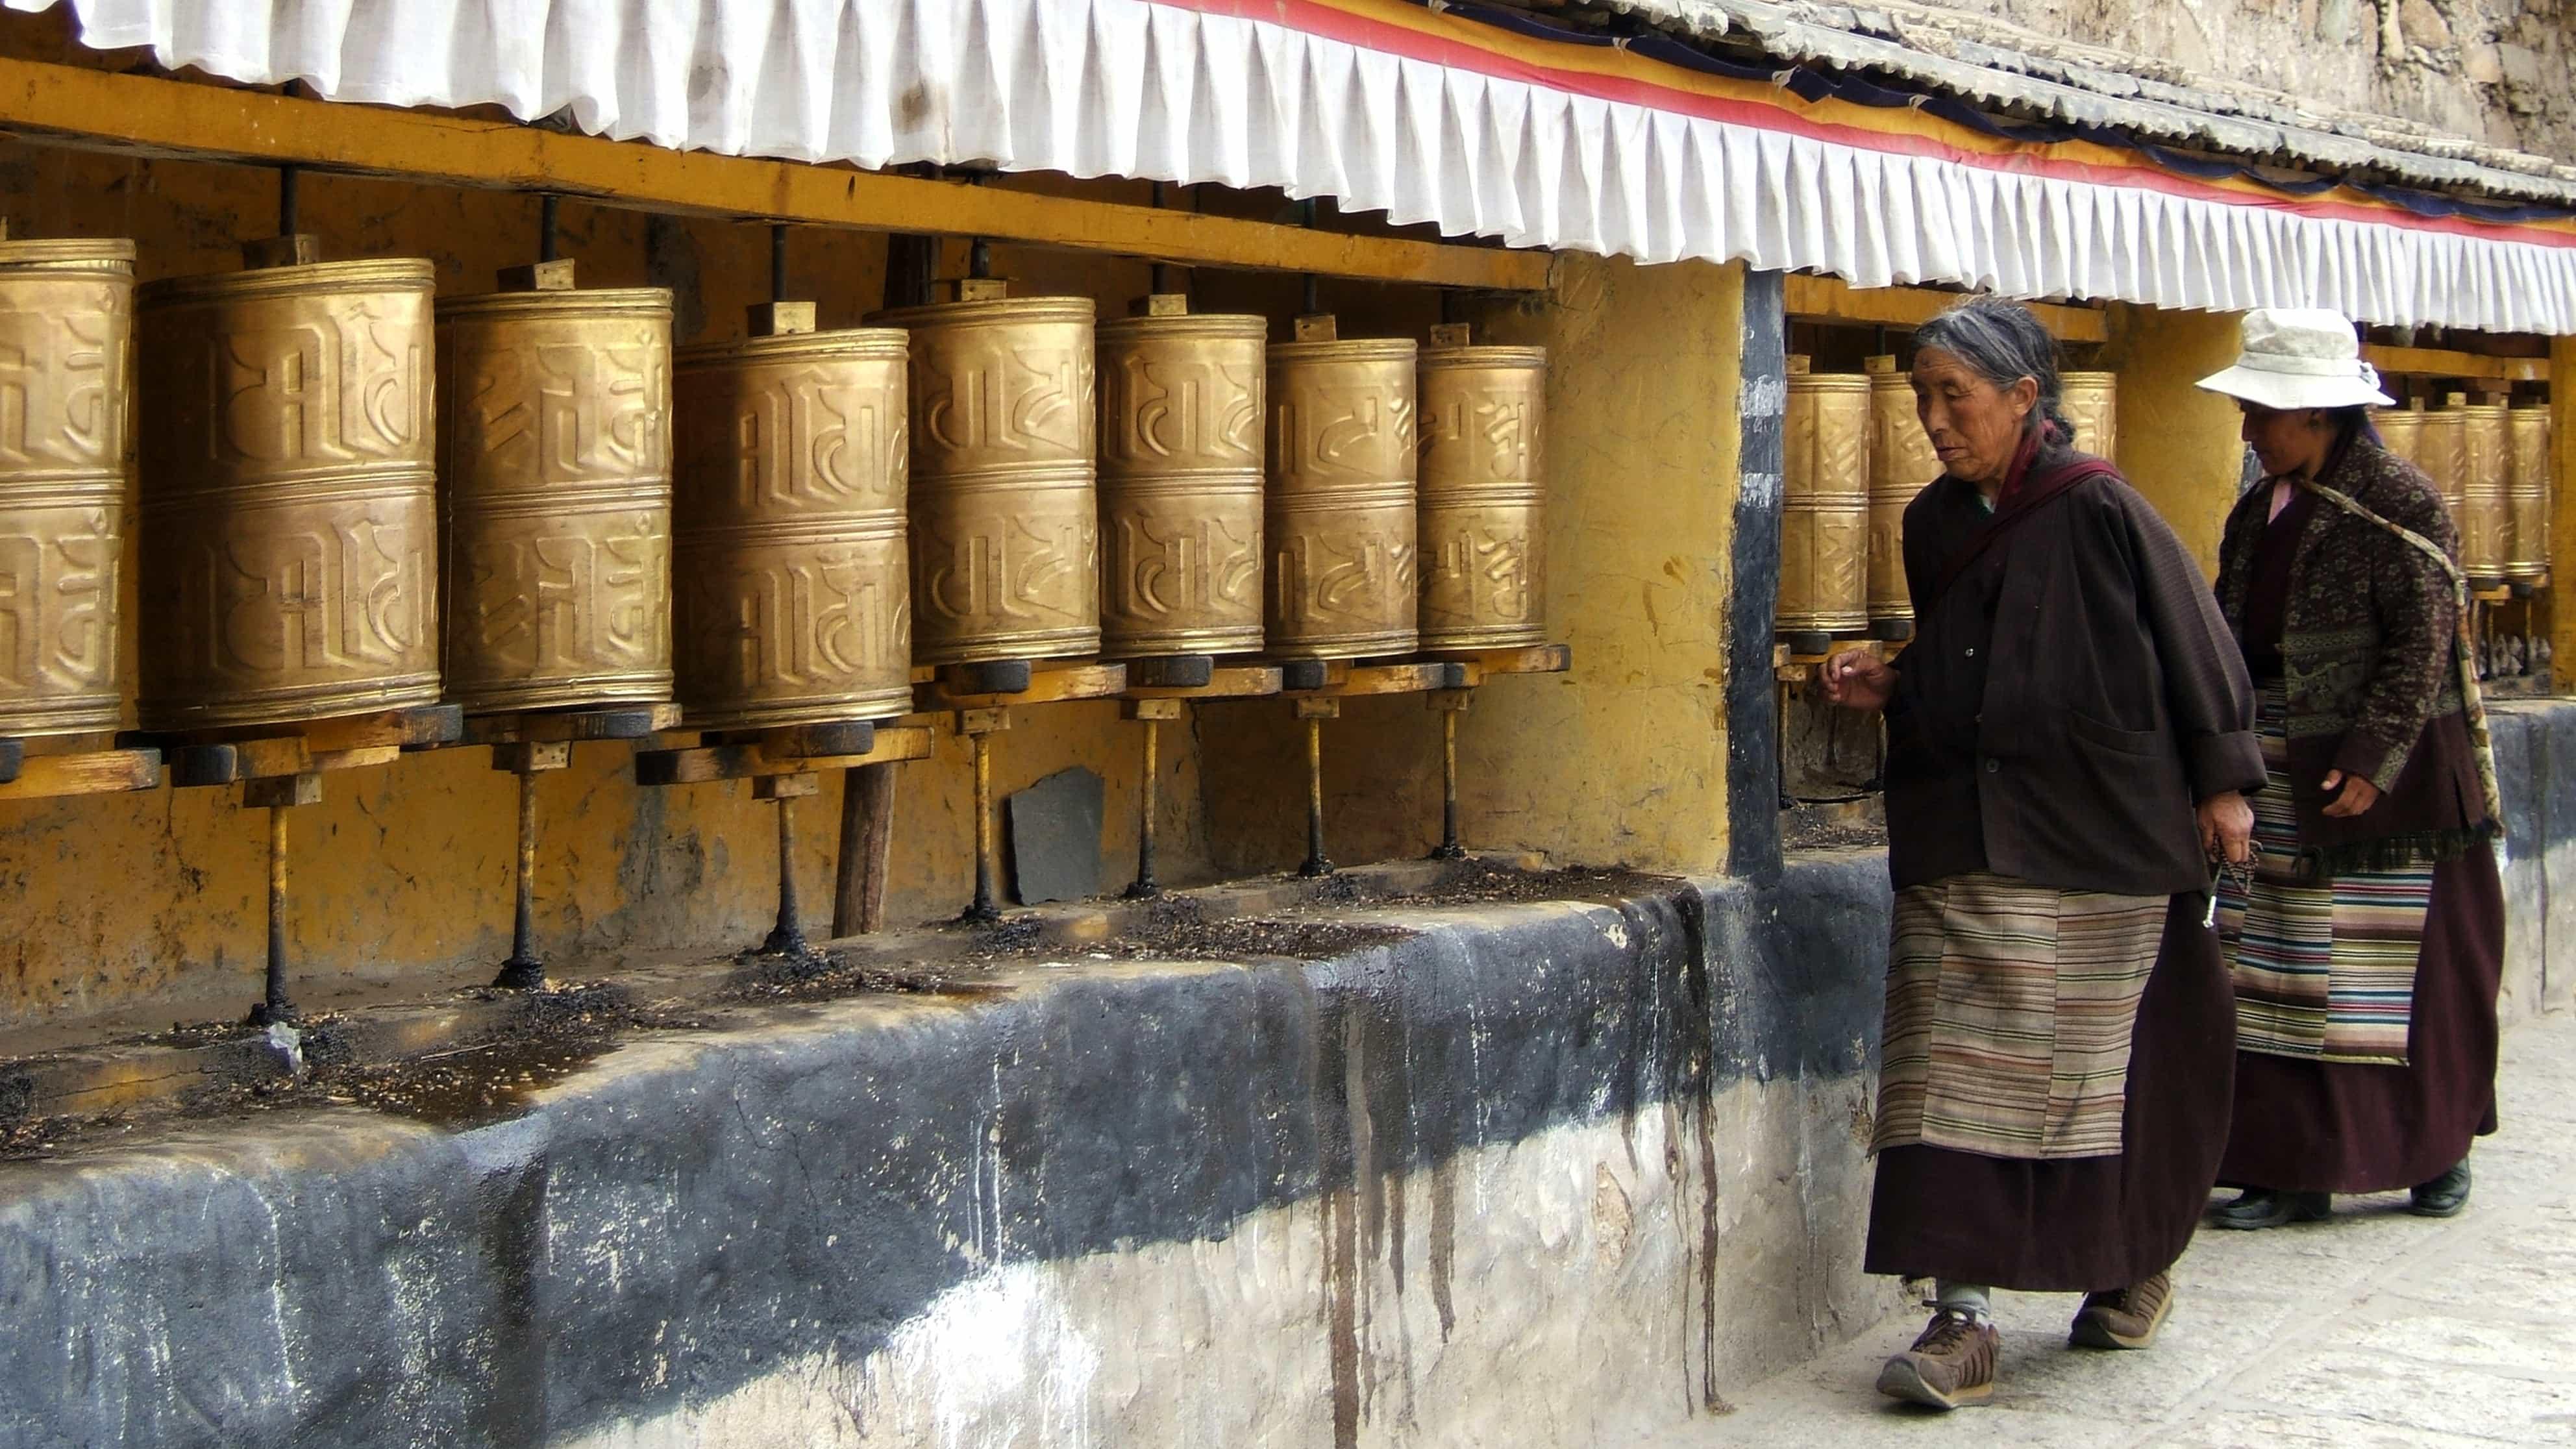 Tibetan women visiting Drepung Monastery in Lhasa